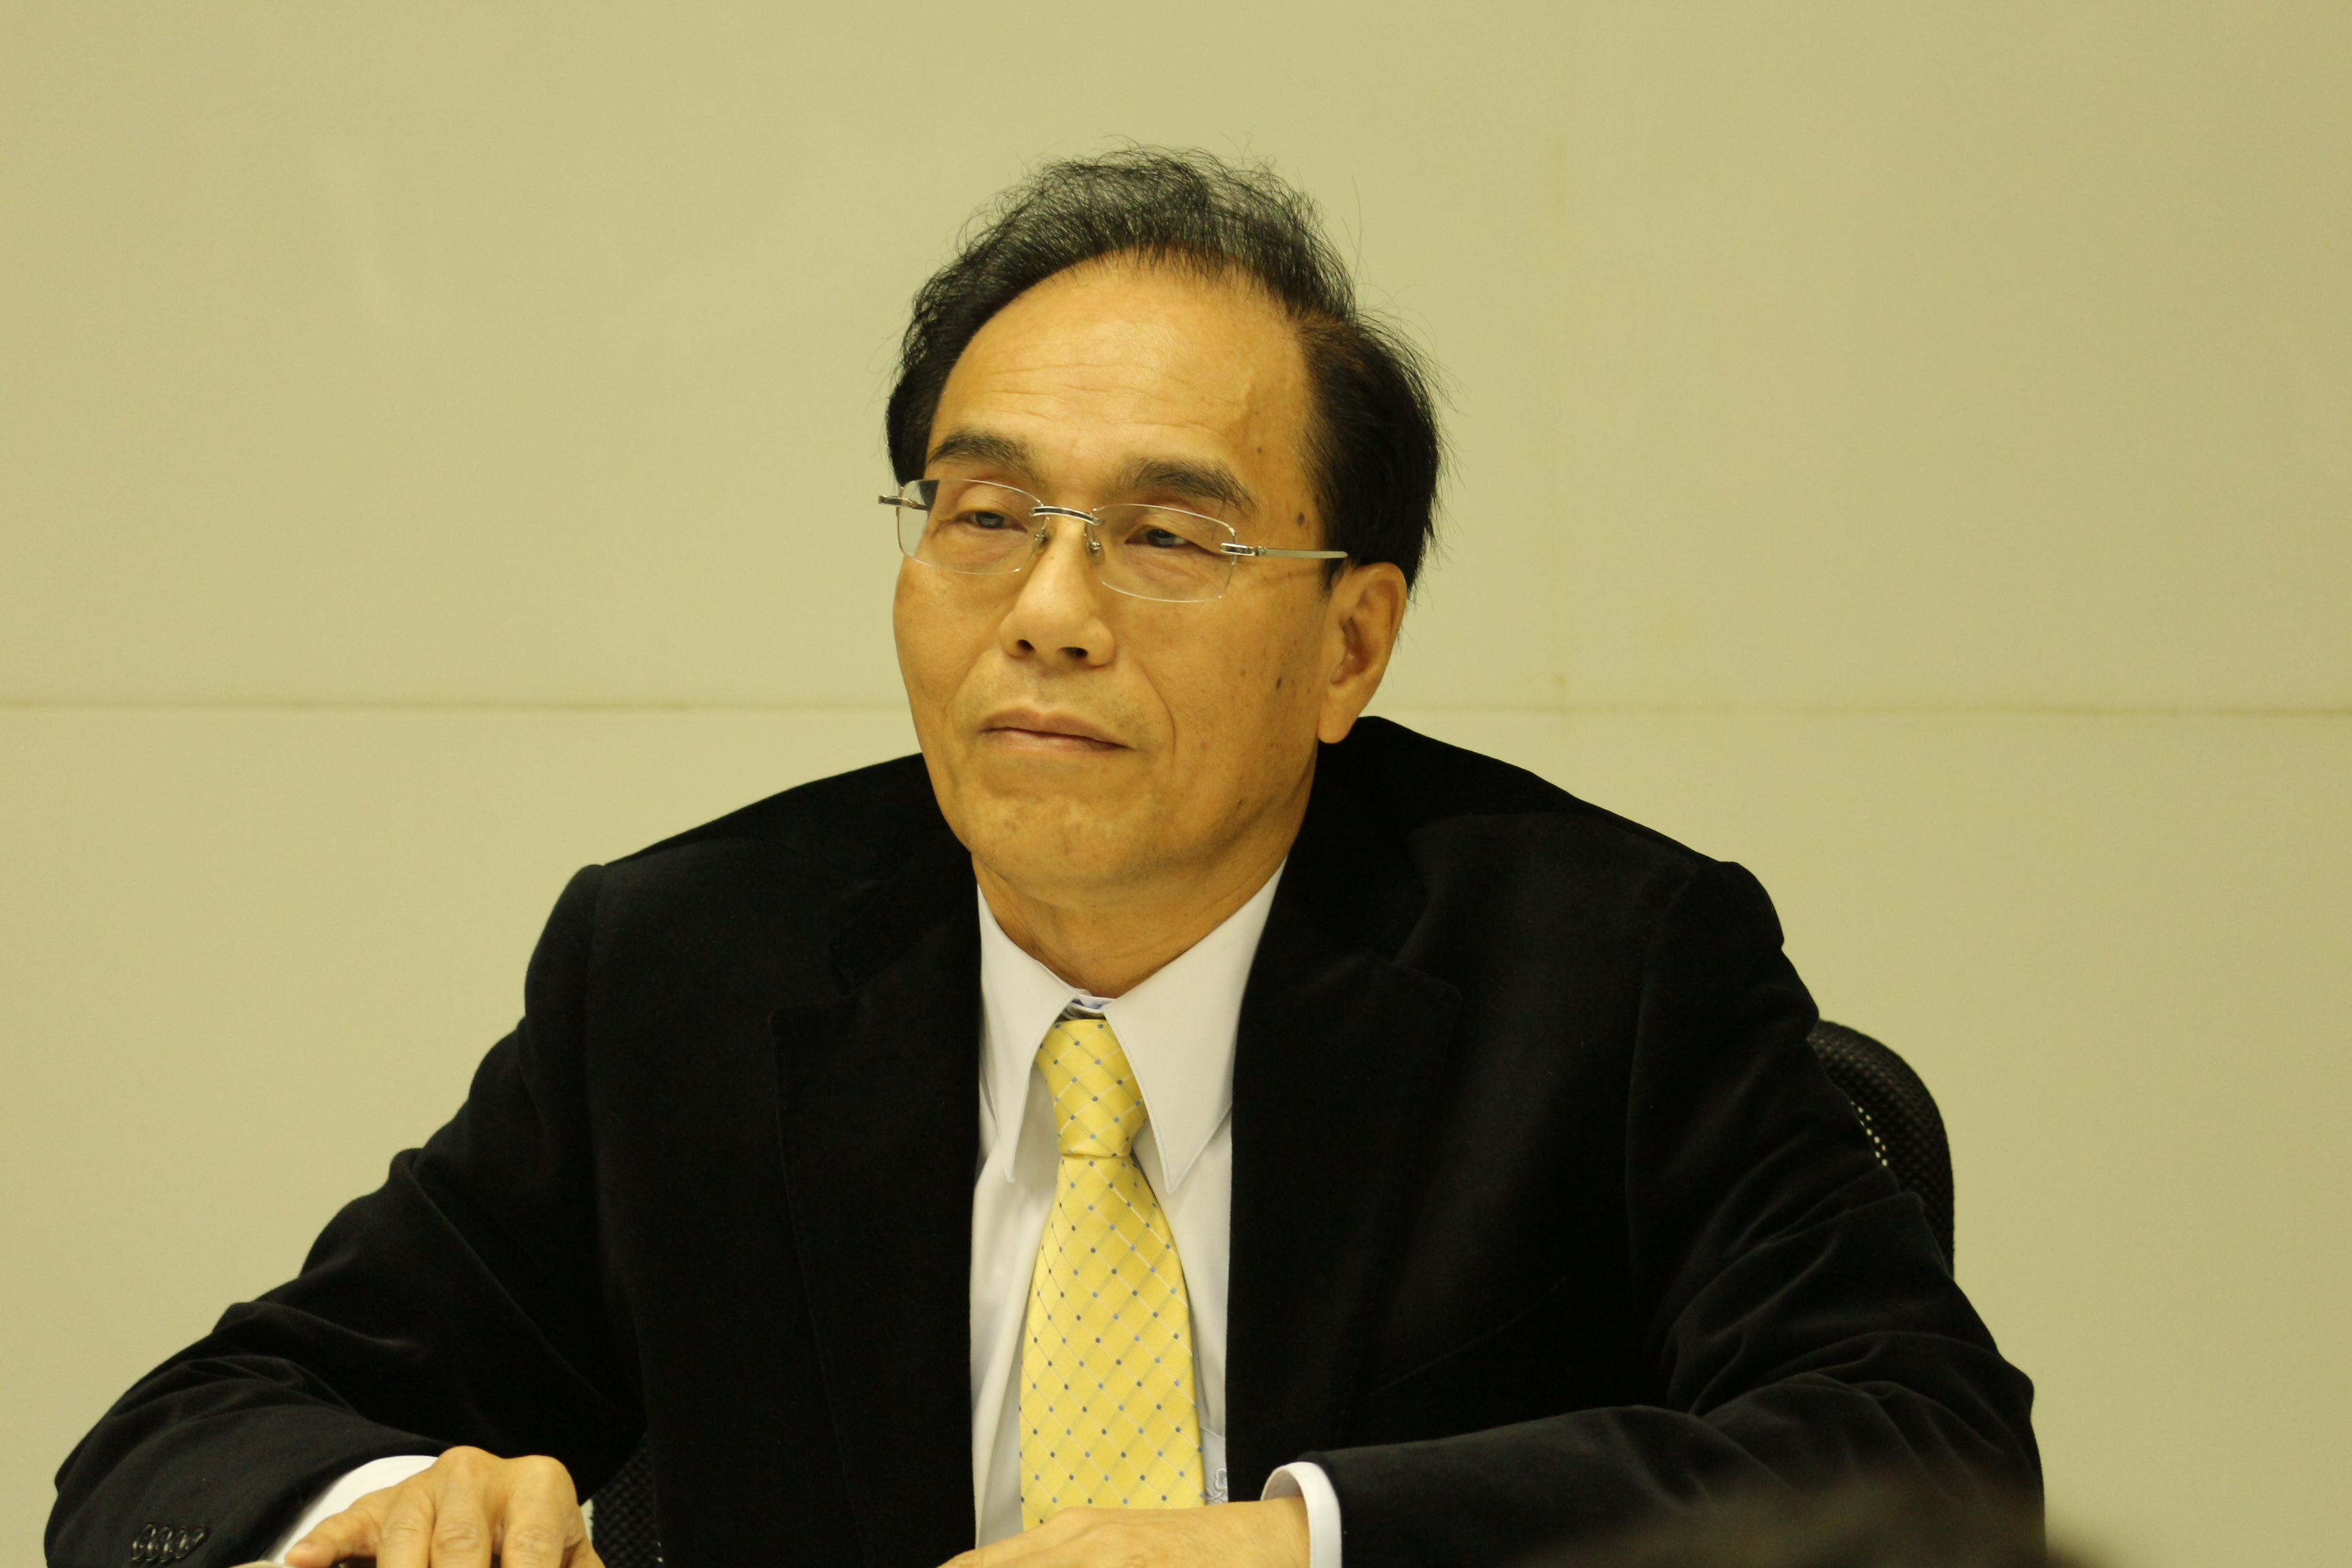 鴻海集團副總裁戴正吳